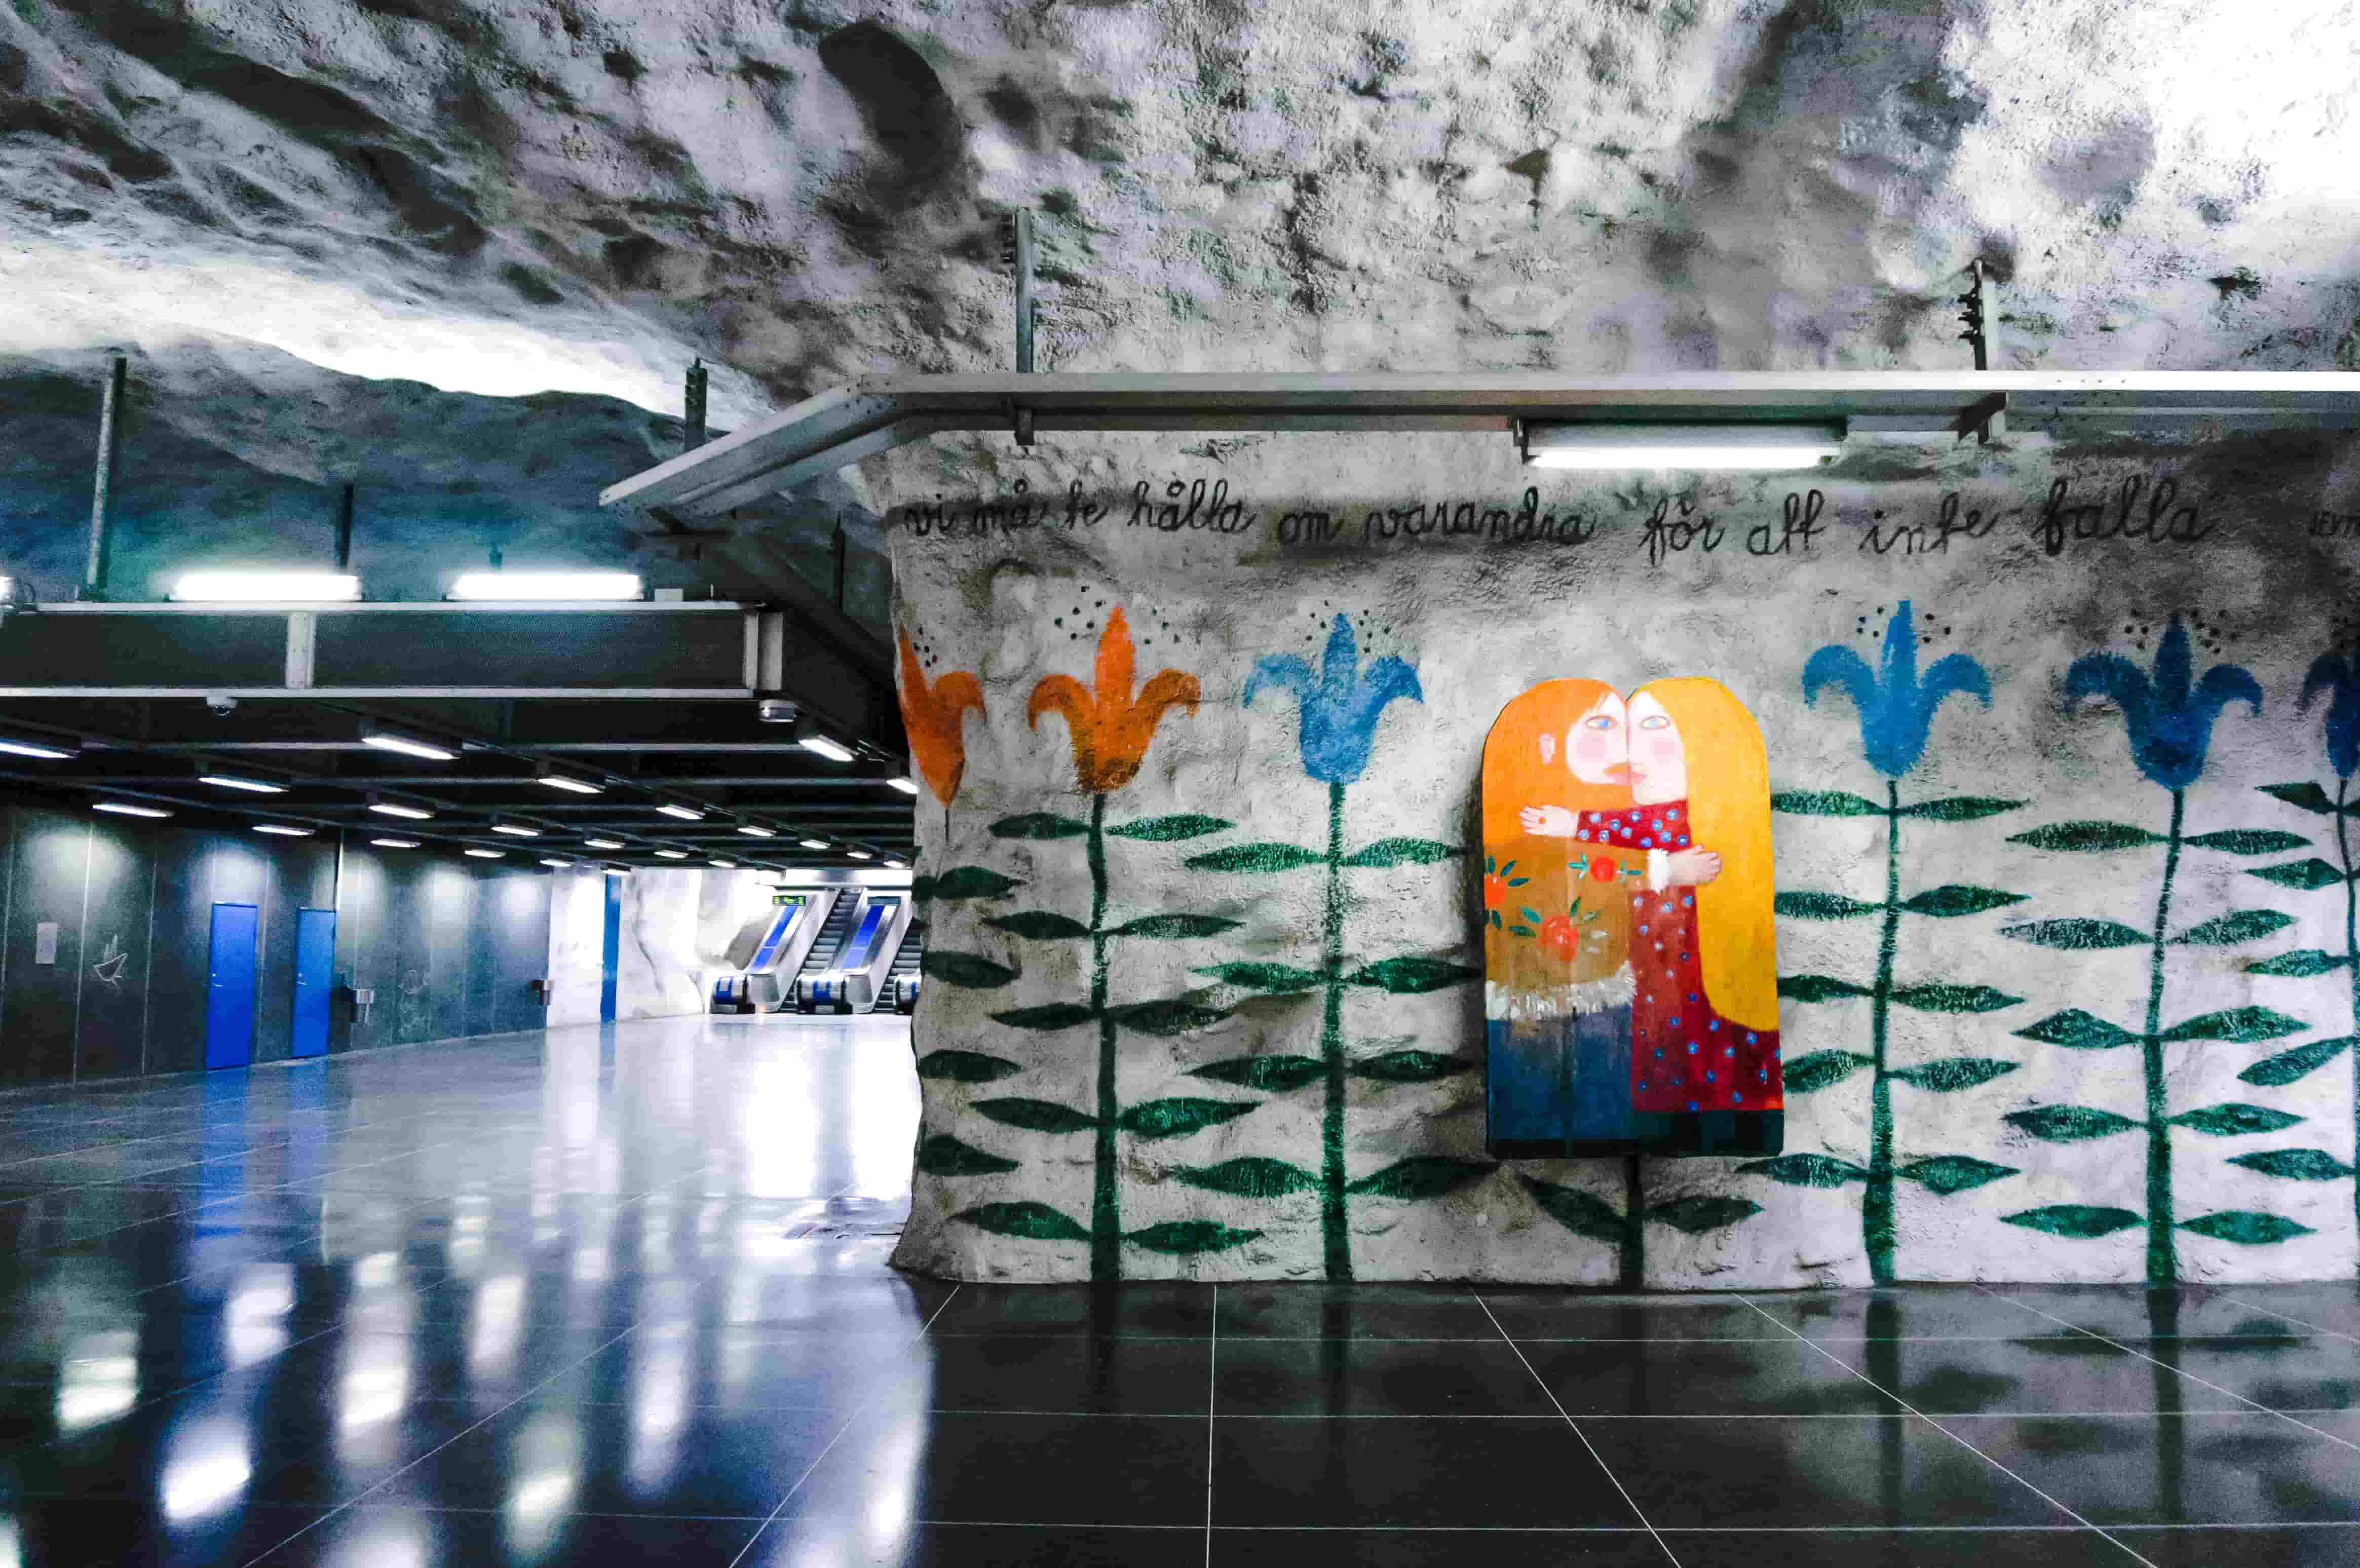 tunnelbanan_tensta stockholm